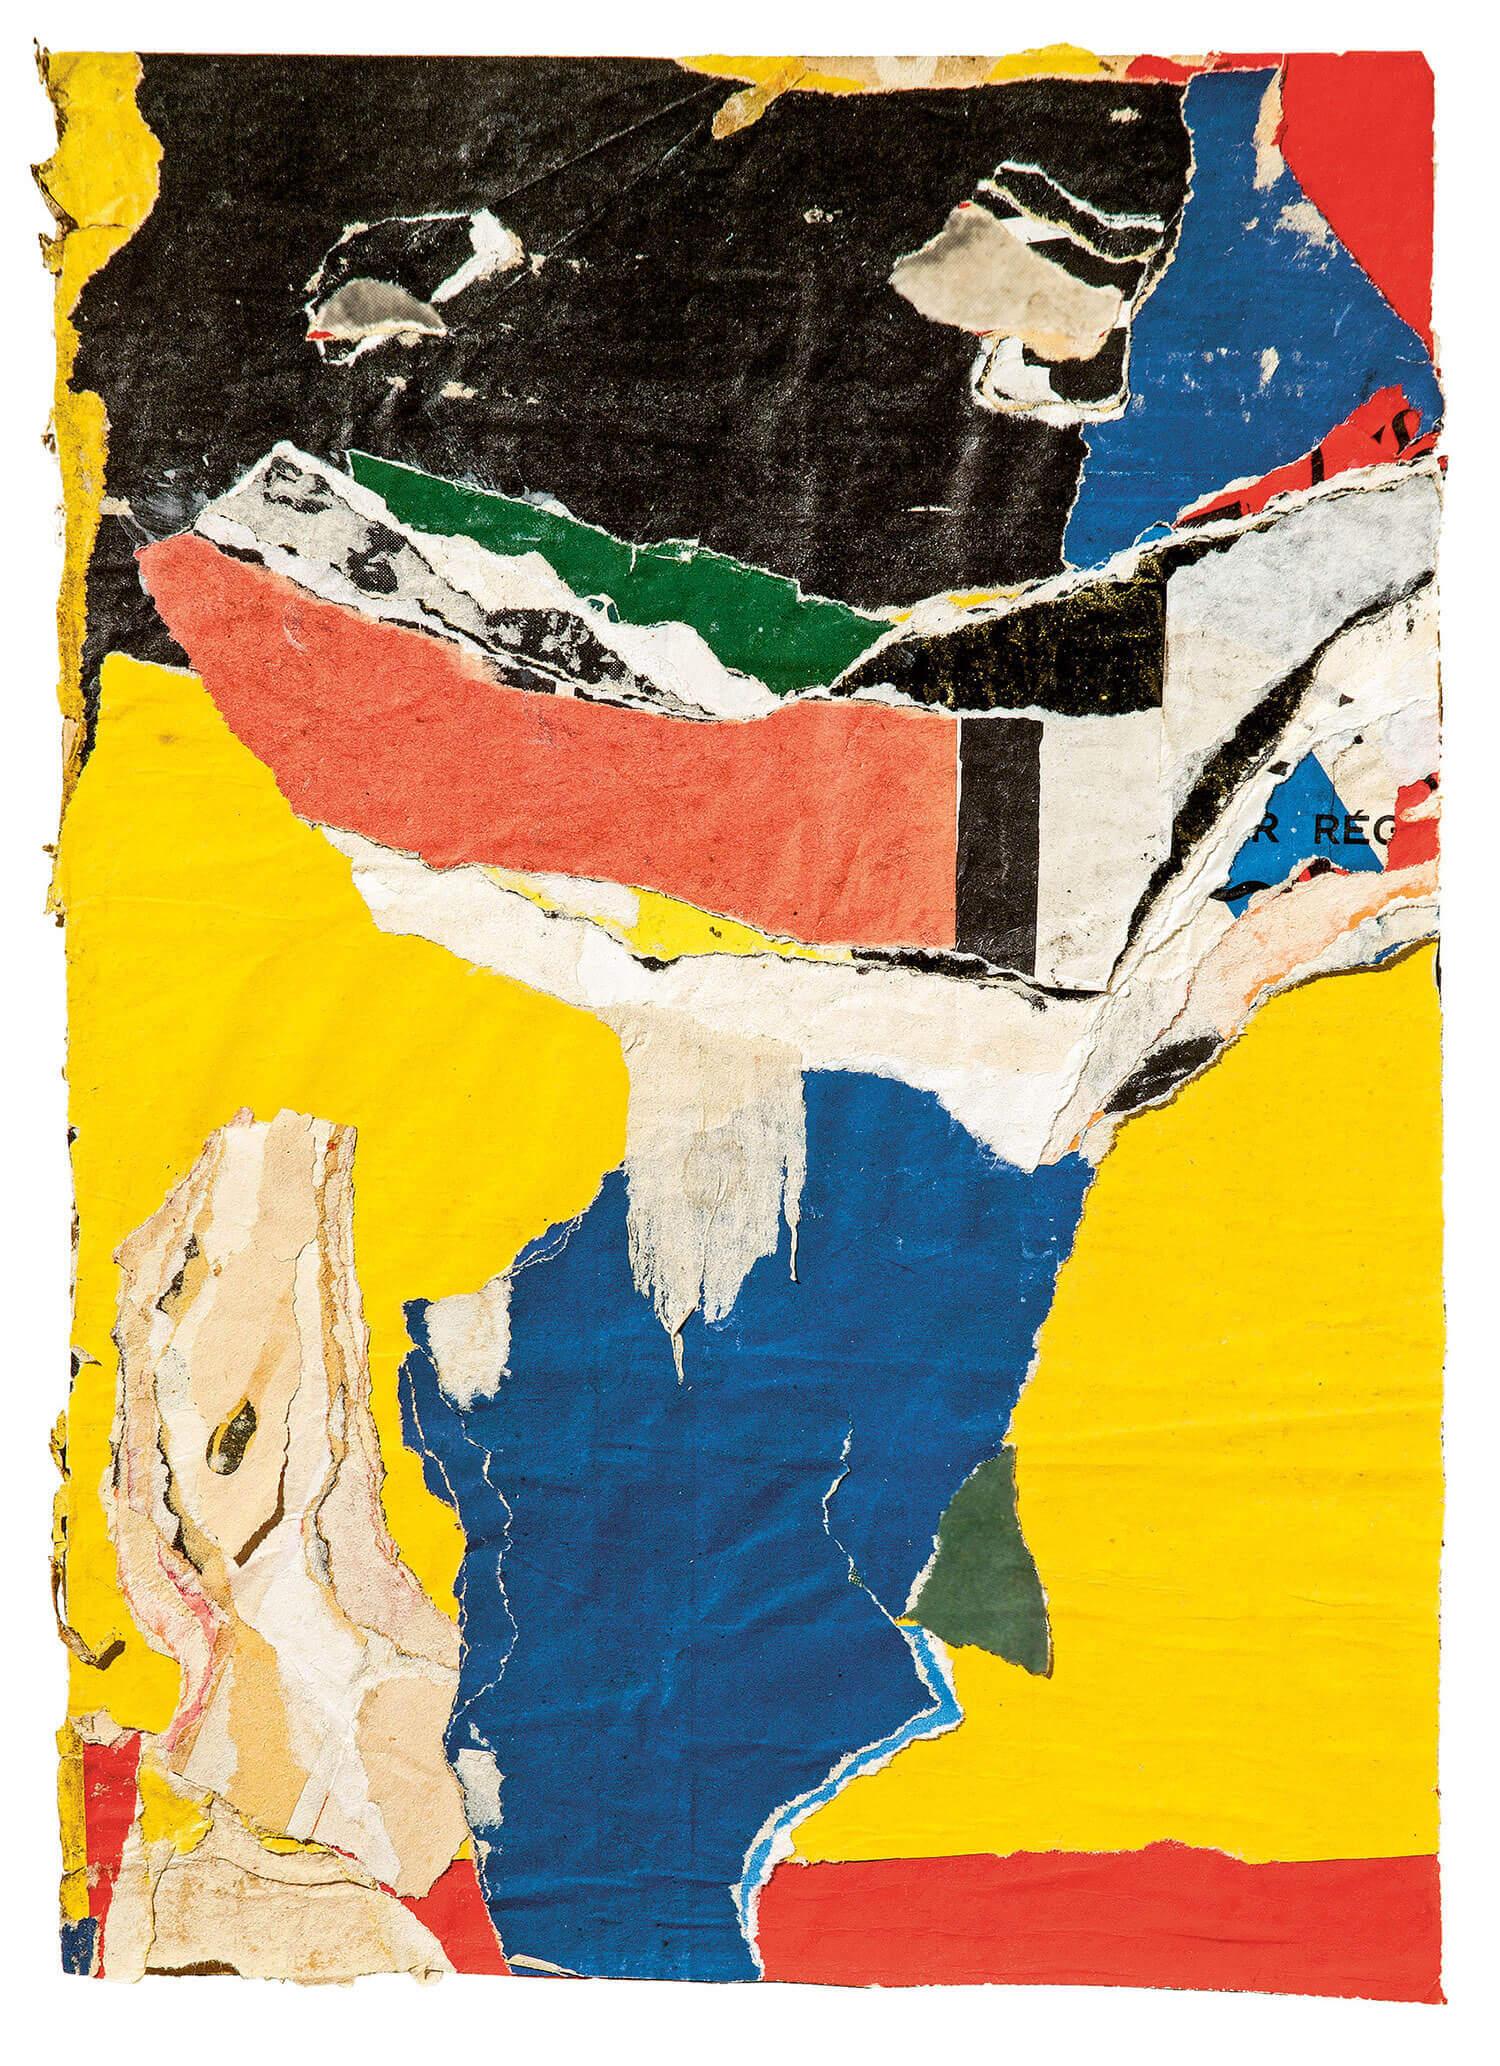 Asger Jorn:  UDEN TITEL, 1964 Décollage, 345 x 248 mm